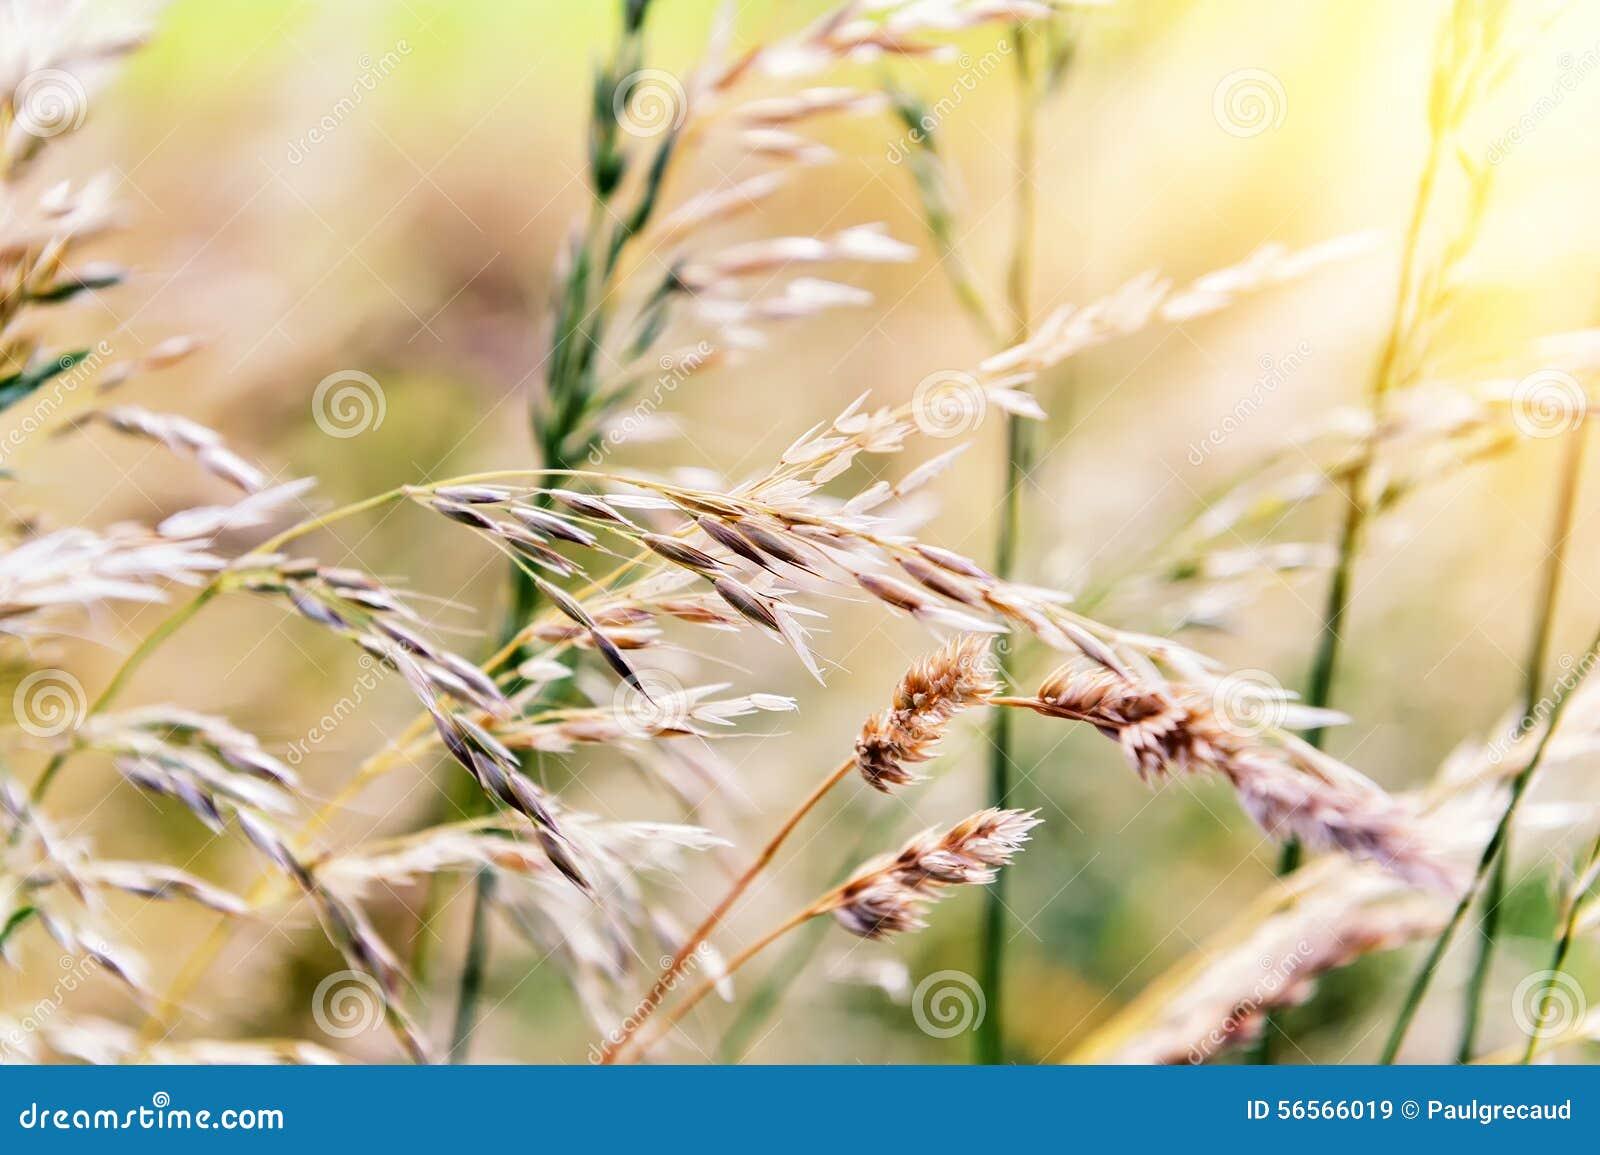 Download Υπόβαθρο φύσης με την άγρια χλόη Στοκ Εικόνα - εικόνα από περιβάλλον, φύλλο: 56566019